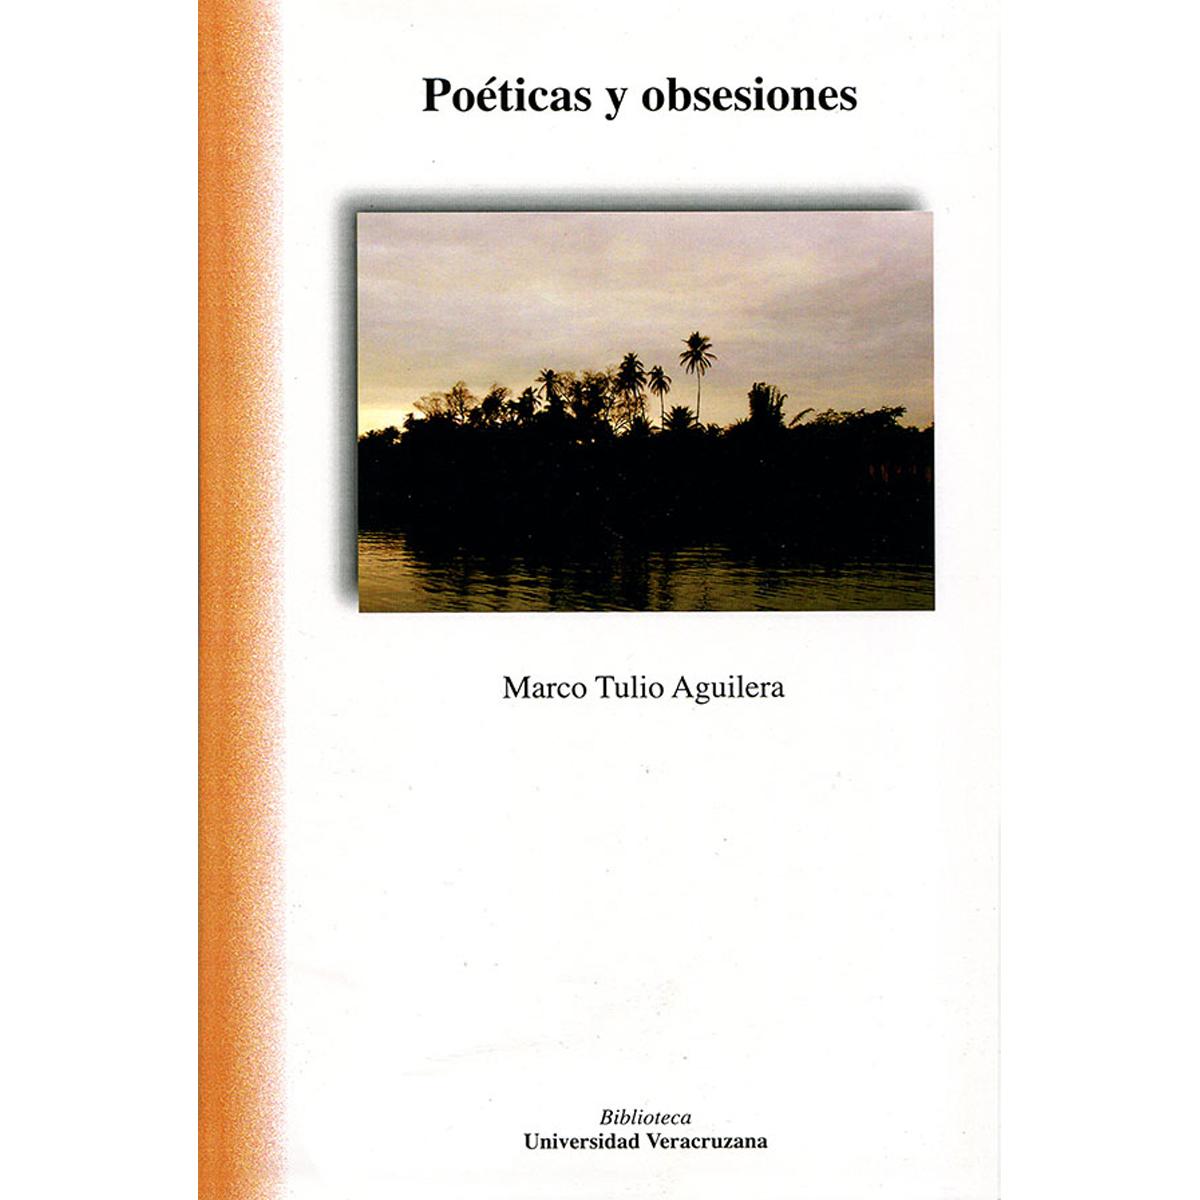 Poéticas y obsesiones